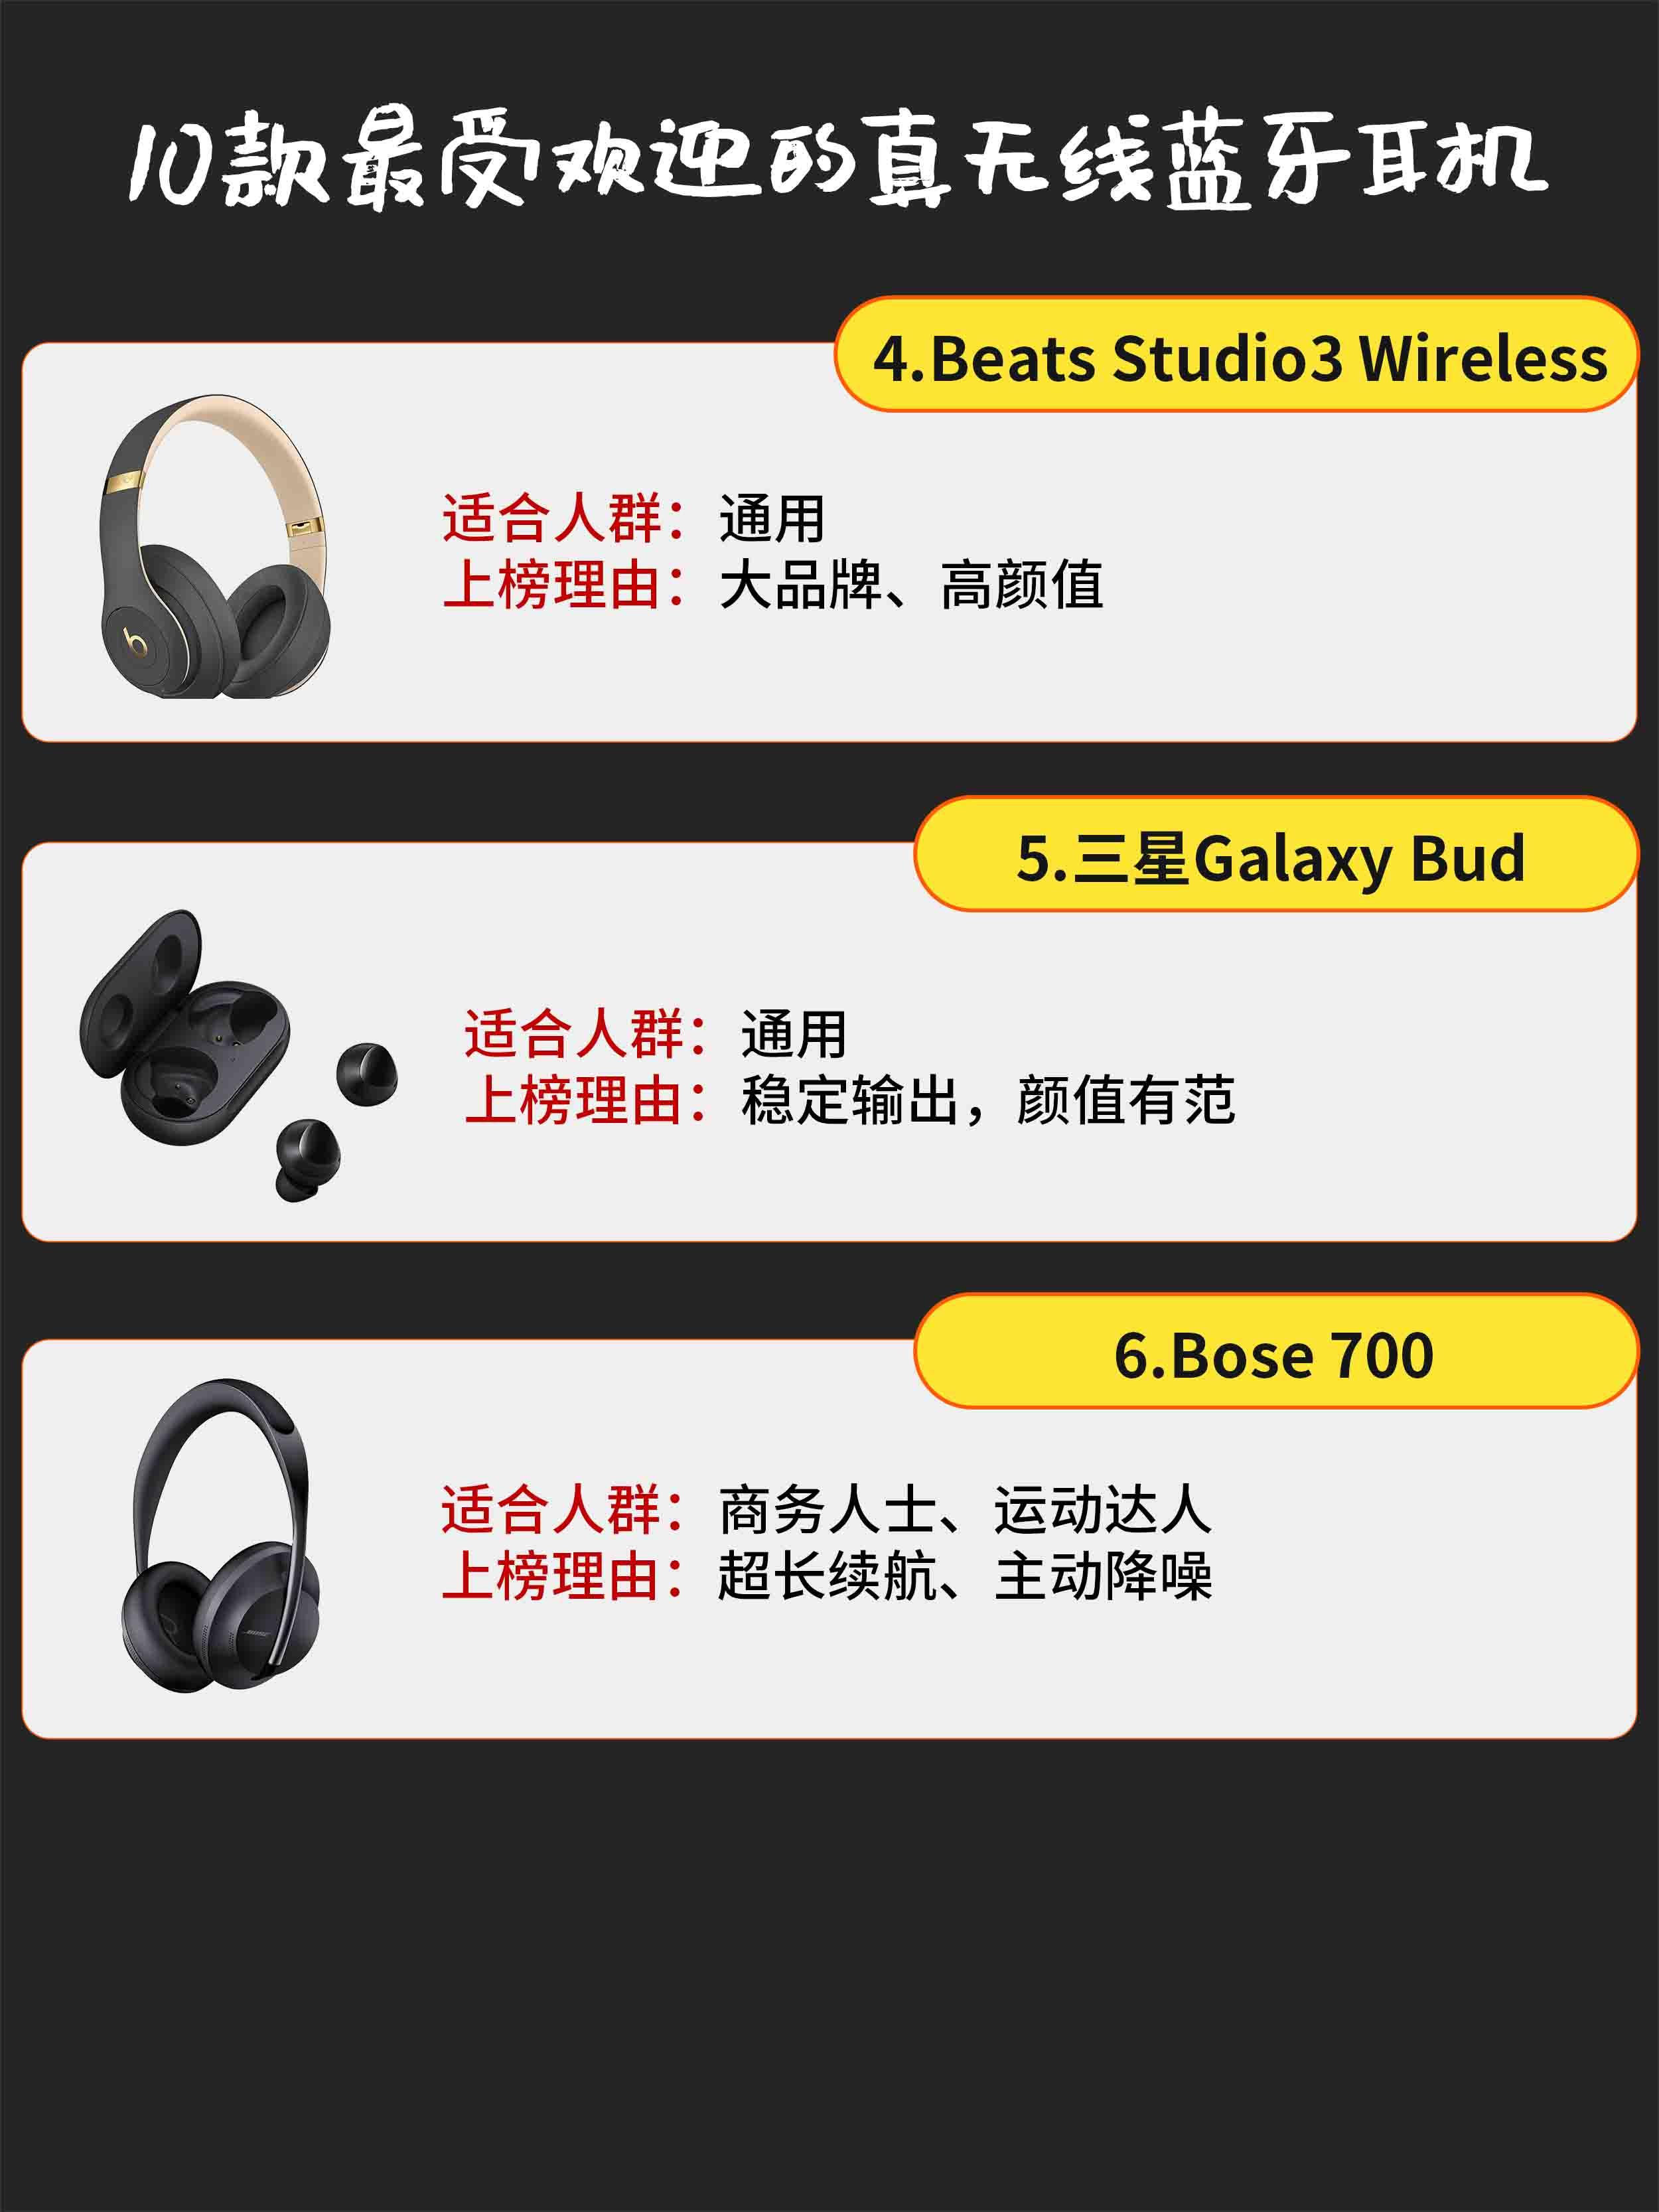 无线蓝牙耳机排行榜(10款最受欢迎的真无线蓝牙耳机)(2)